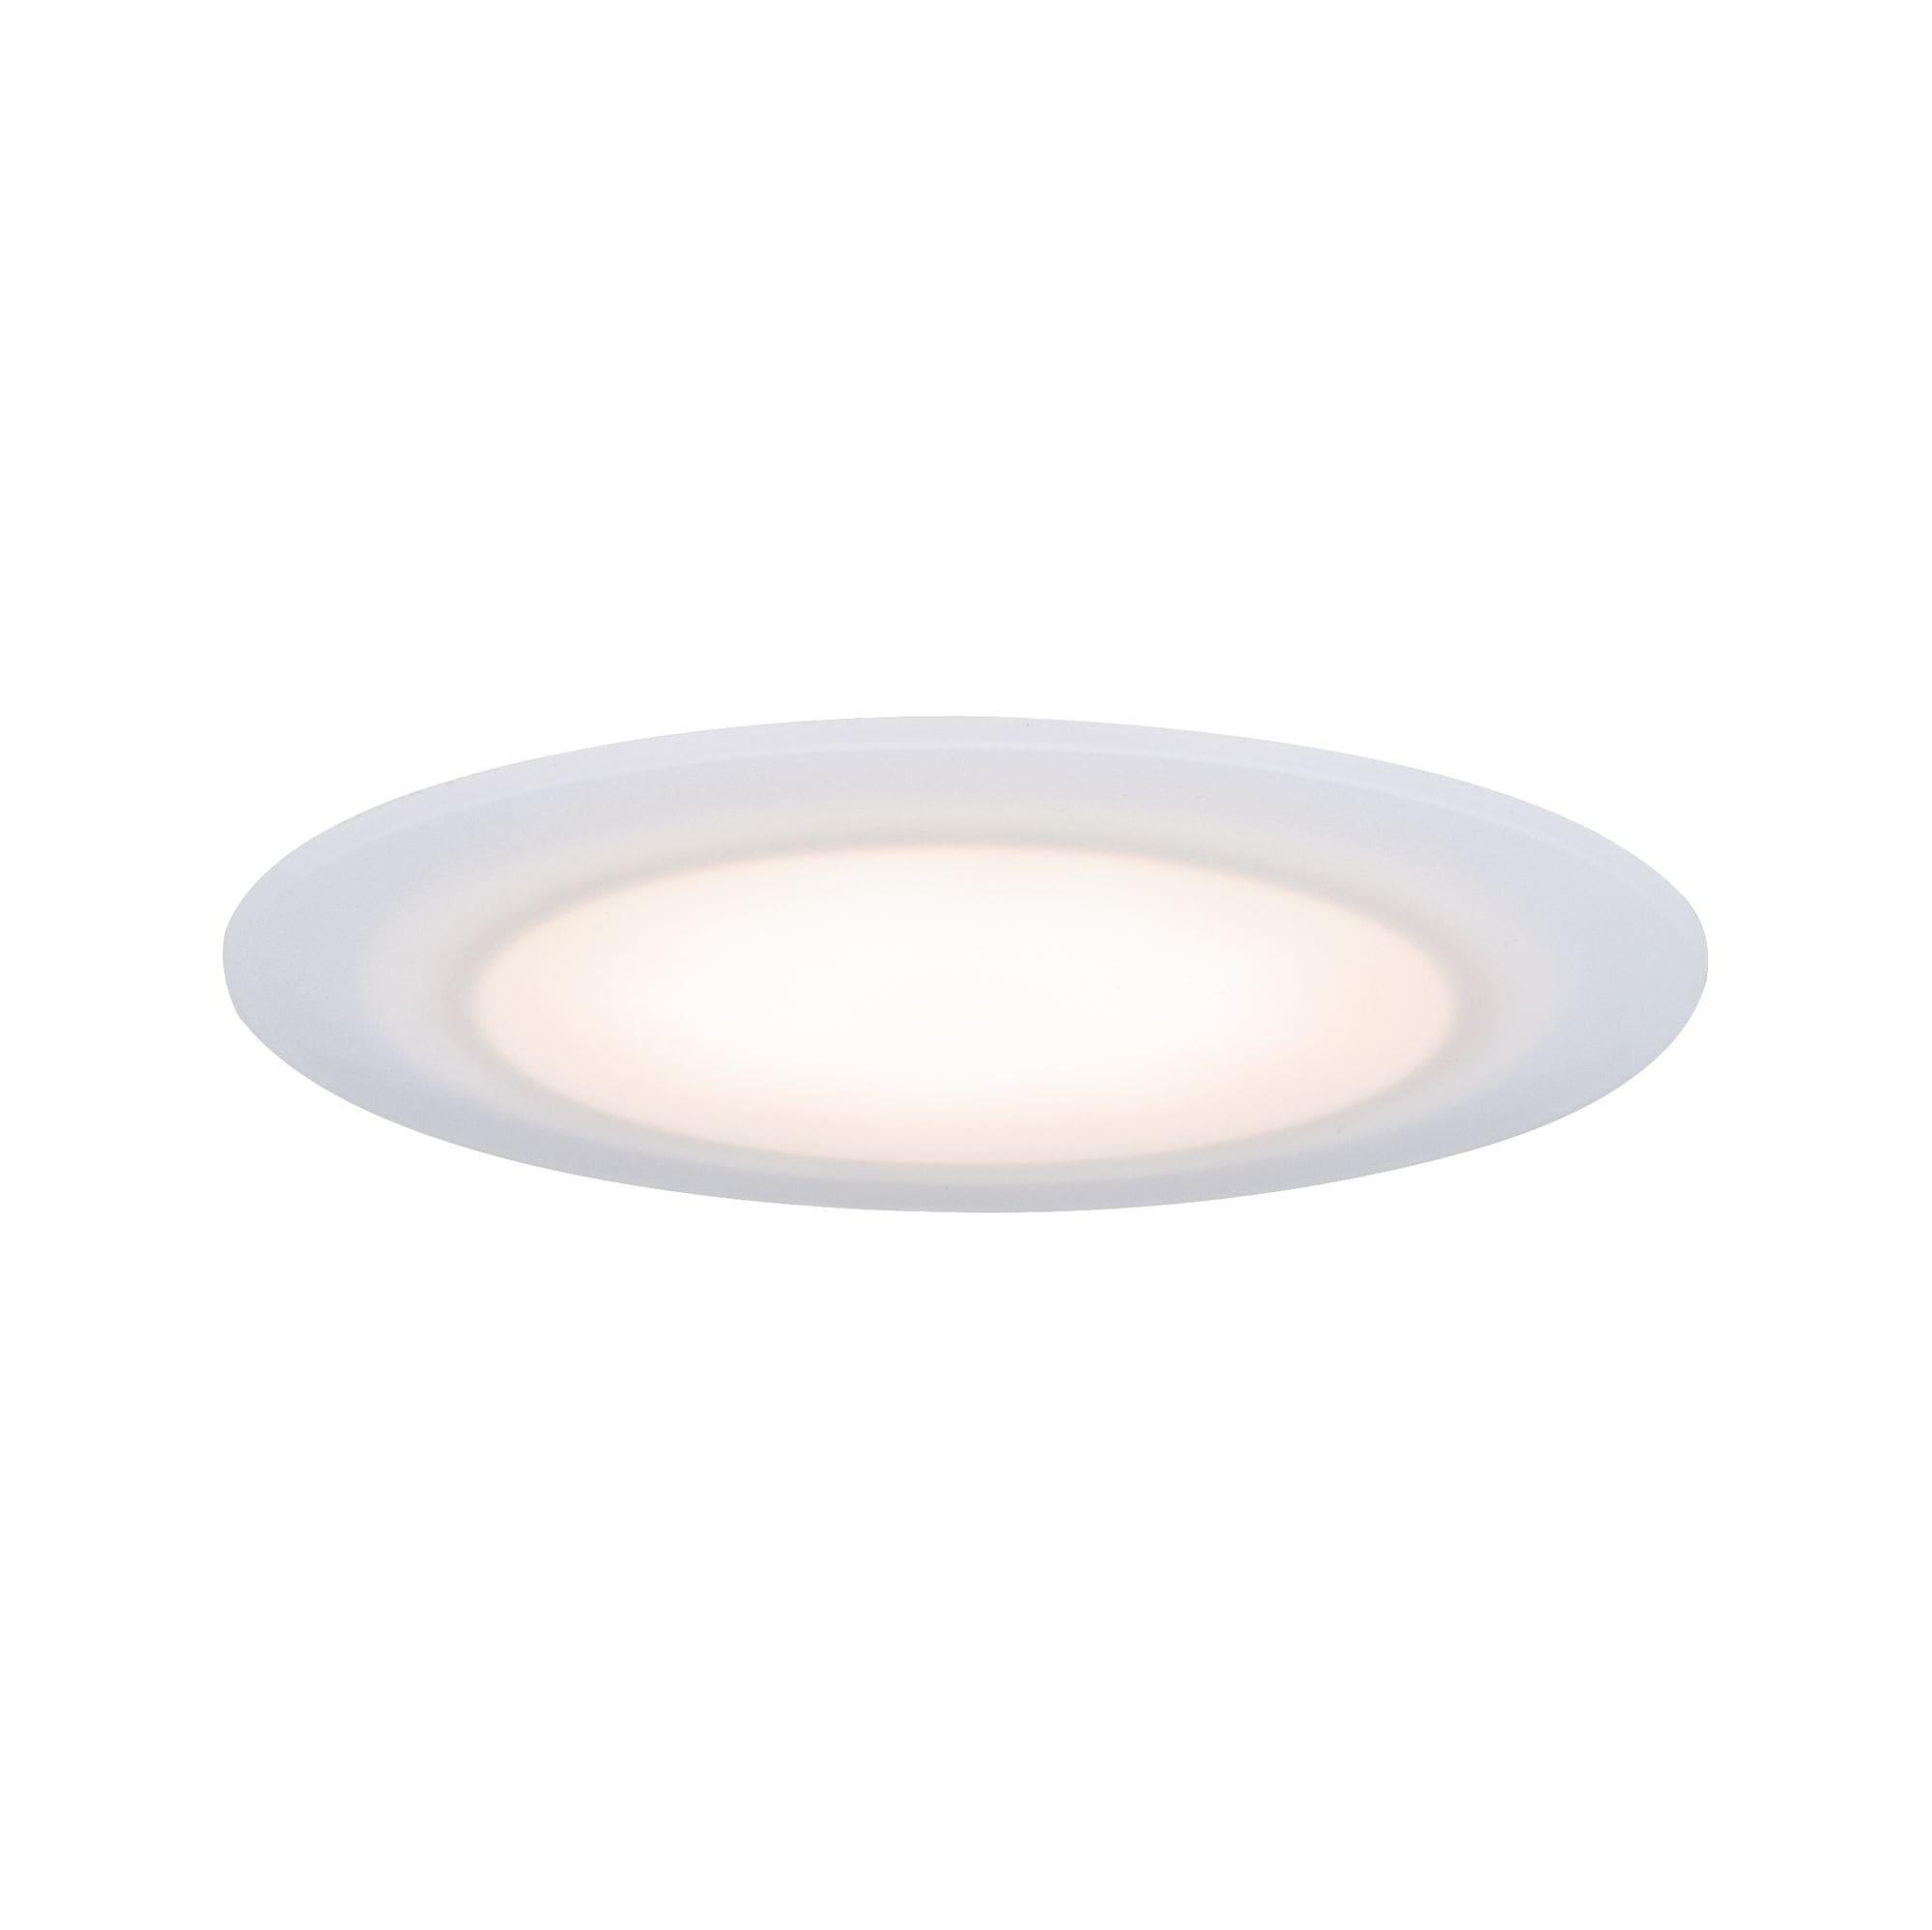 Paulmann,LED Einbaustrahler Suon dimmbar 2700K 6,5W 230 V Satiniert